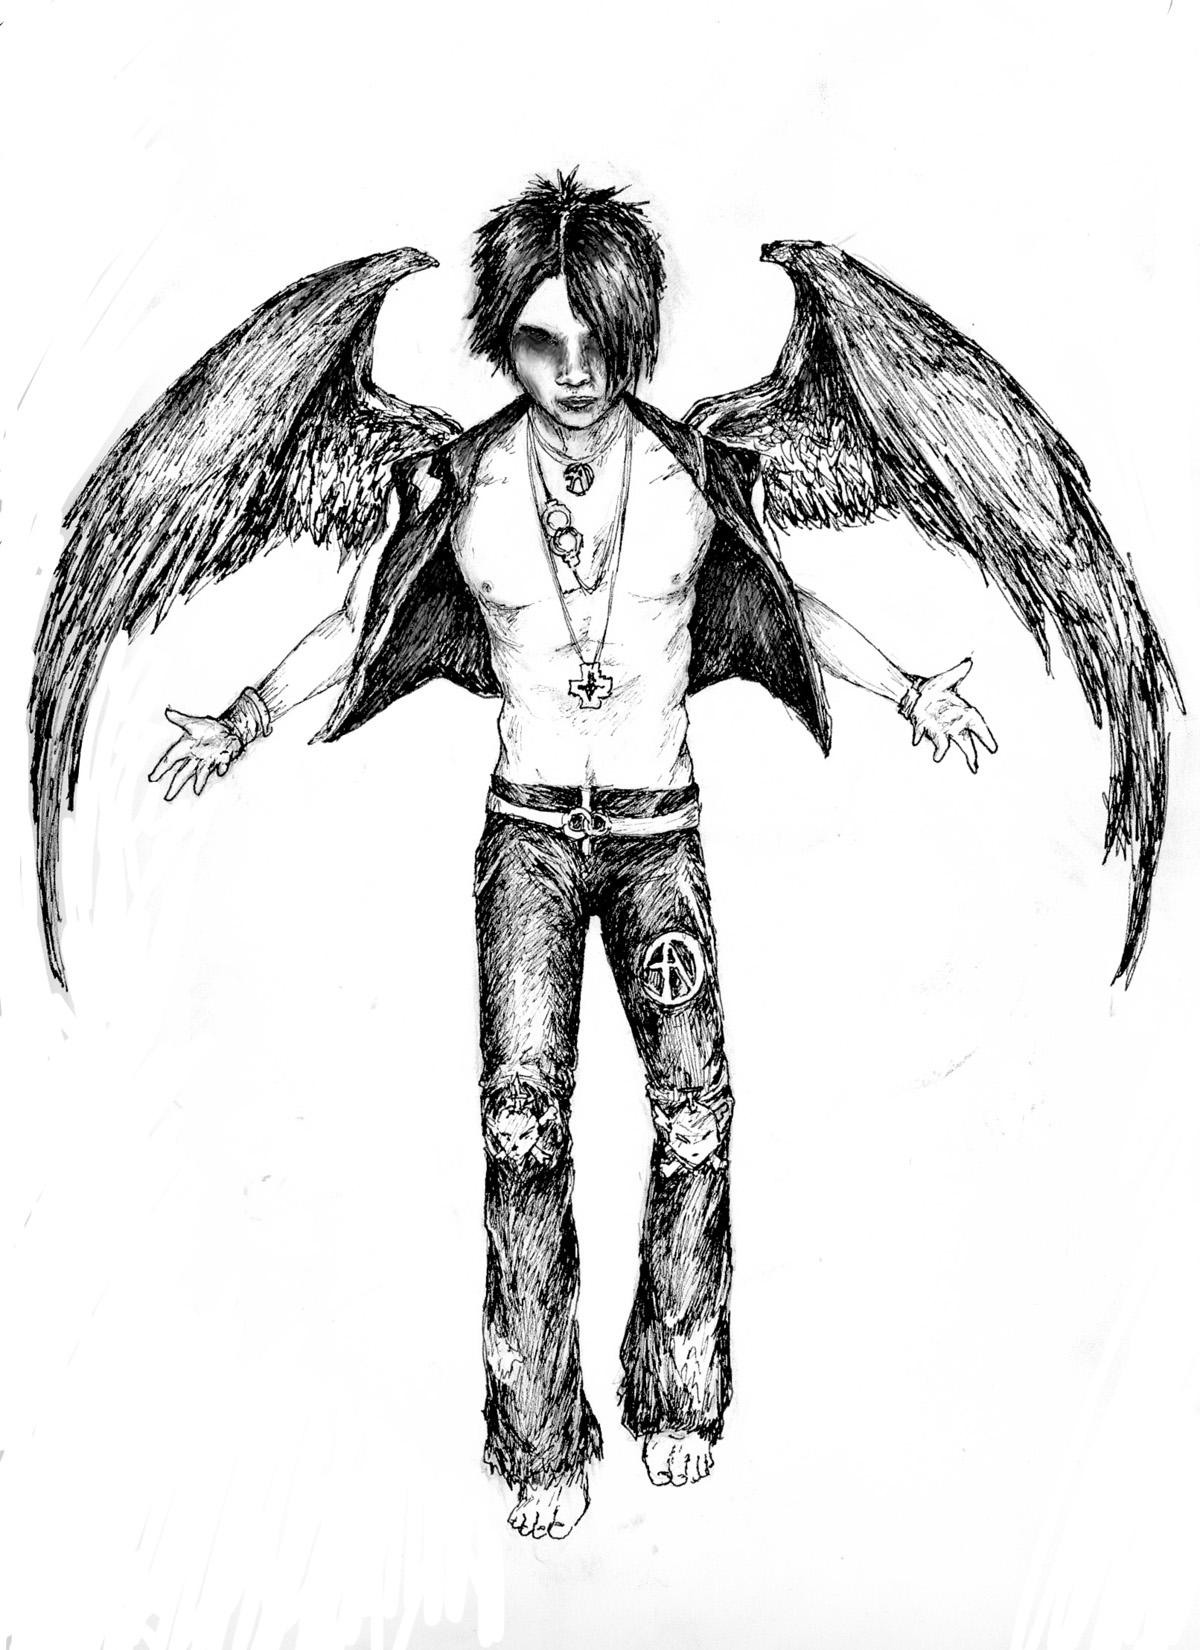 Criss angel dark angel by soadfreak on deviantart criss angel dark angel by soadfreak biocorpaavc